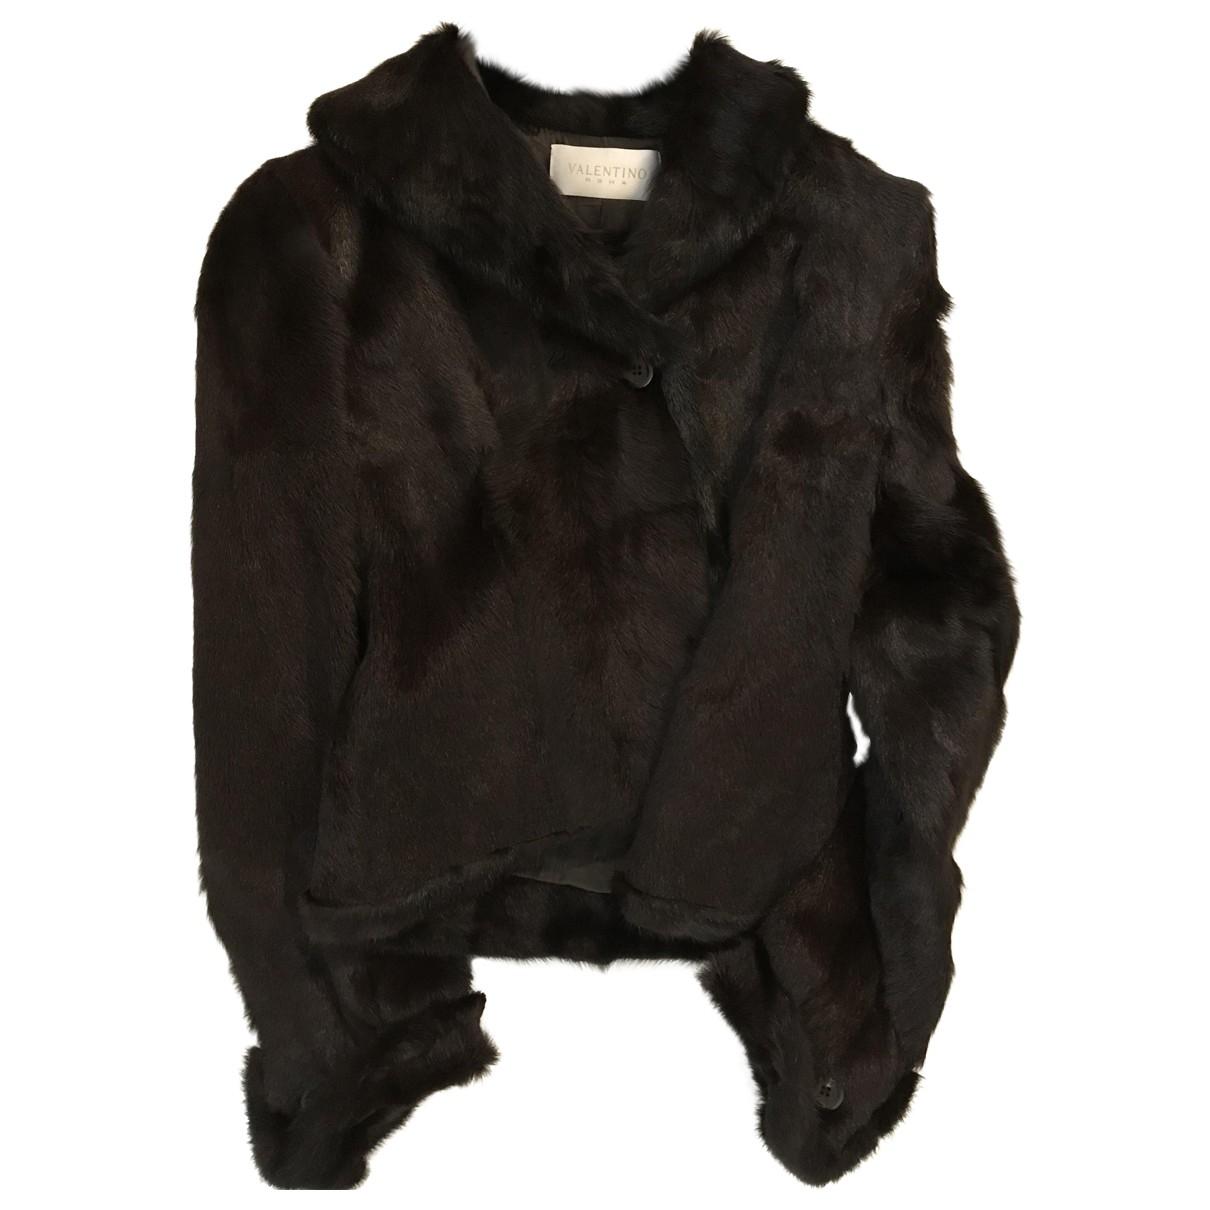 Valentino Garavani \N Brown Mink jacket for Women One Size IT